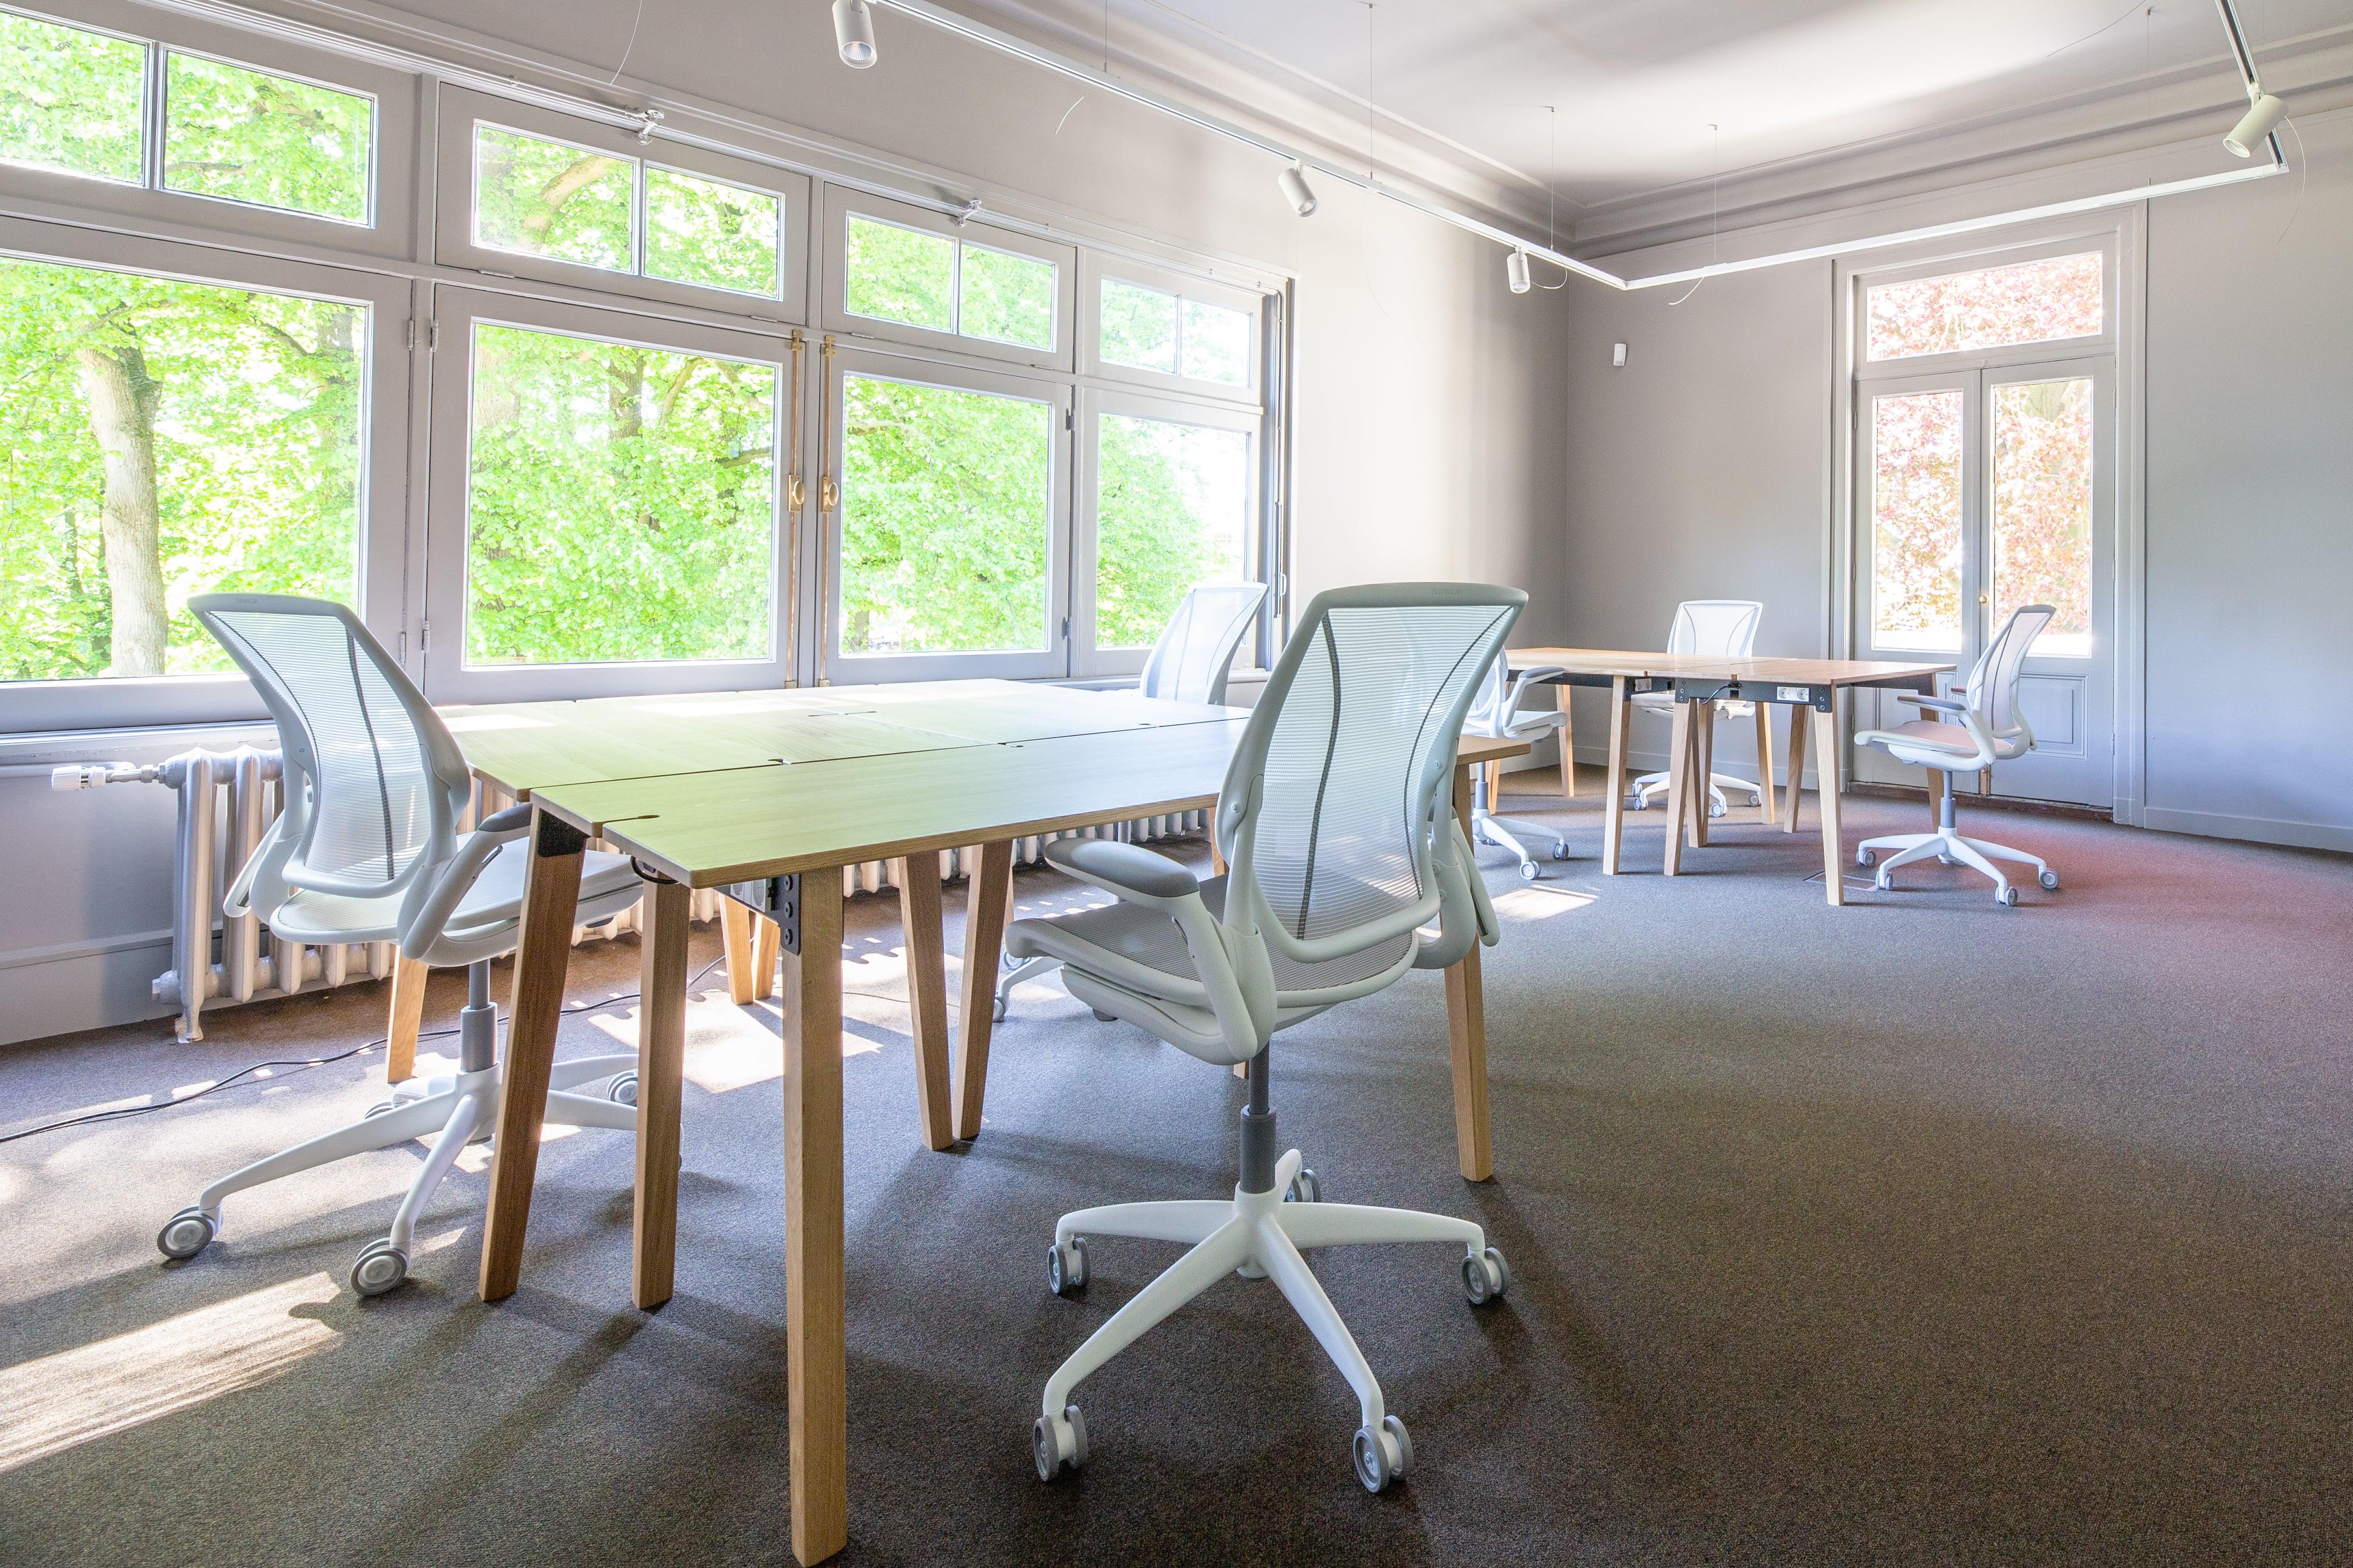 kantoor, kantoorruimte, bedrijfspand, bedrijfsruimte